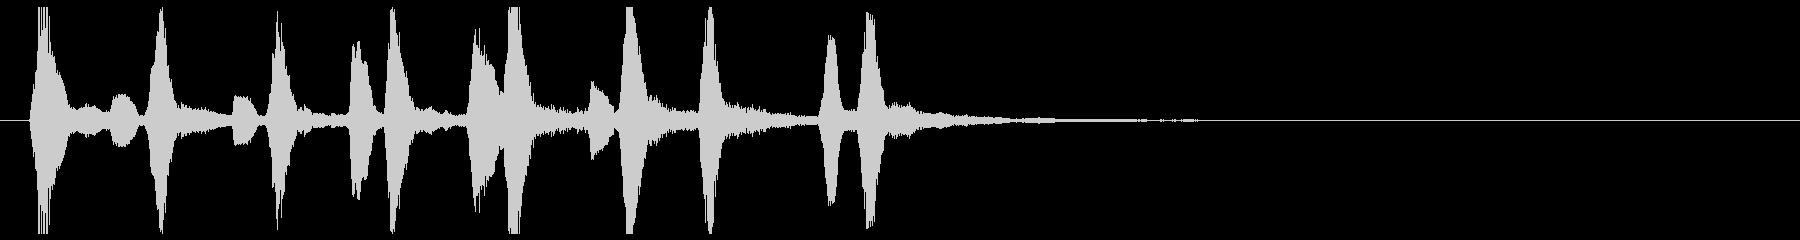 ほのぼのちゃんちゃん駆け足木管リコーダーの未再生の波形